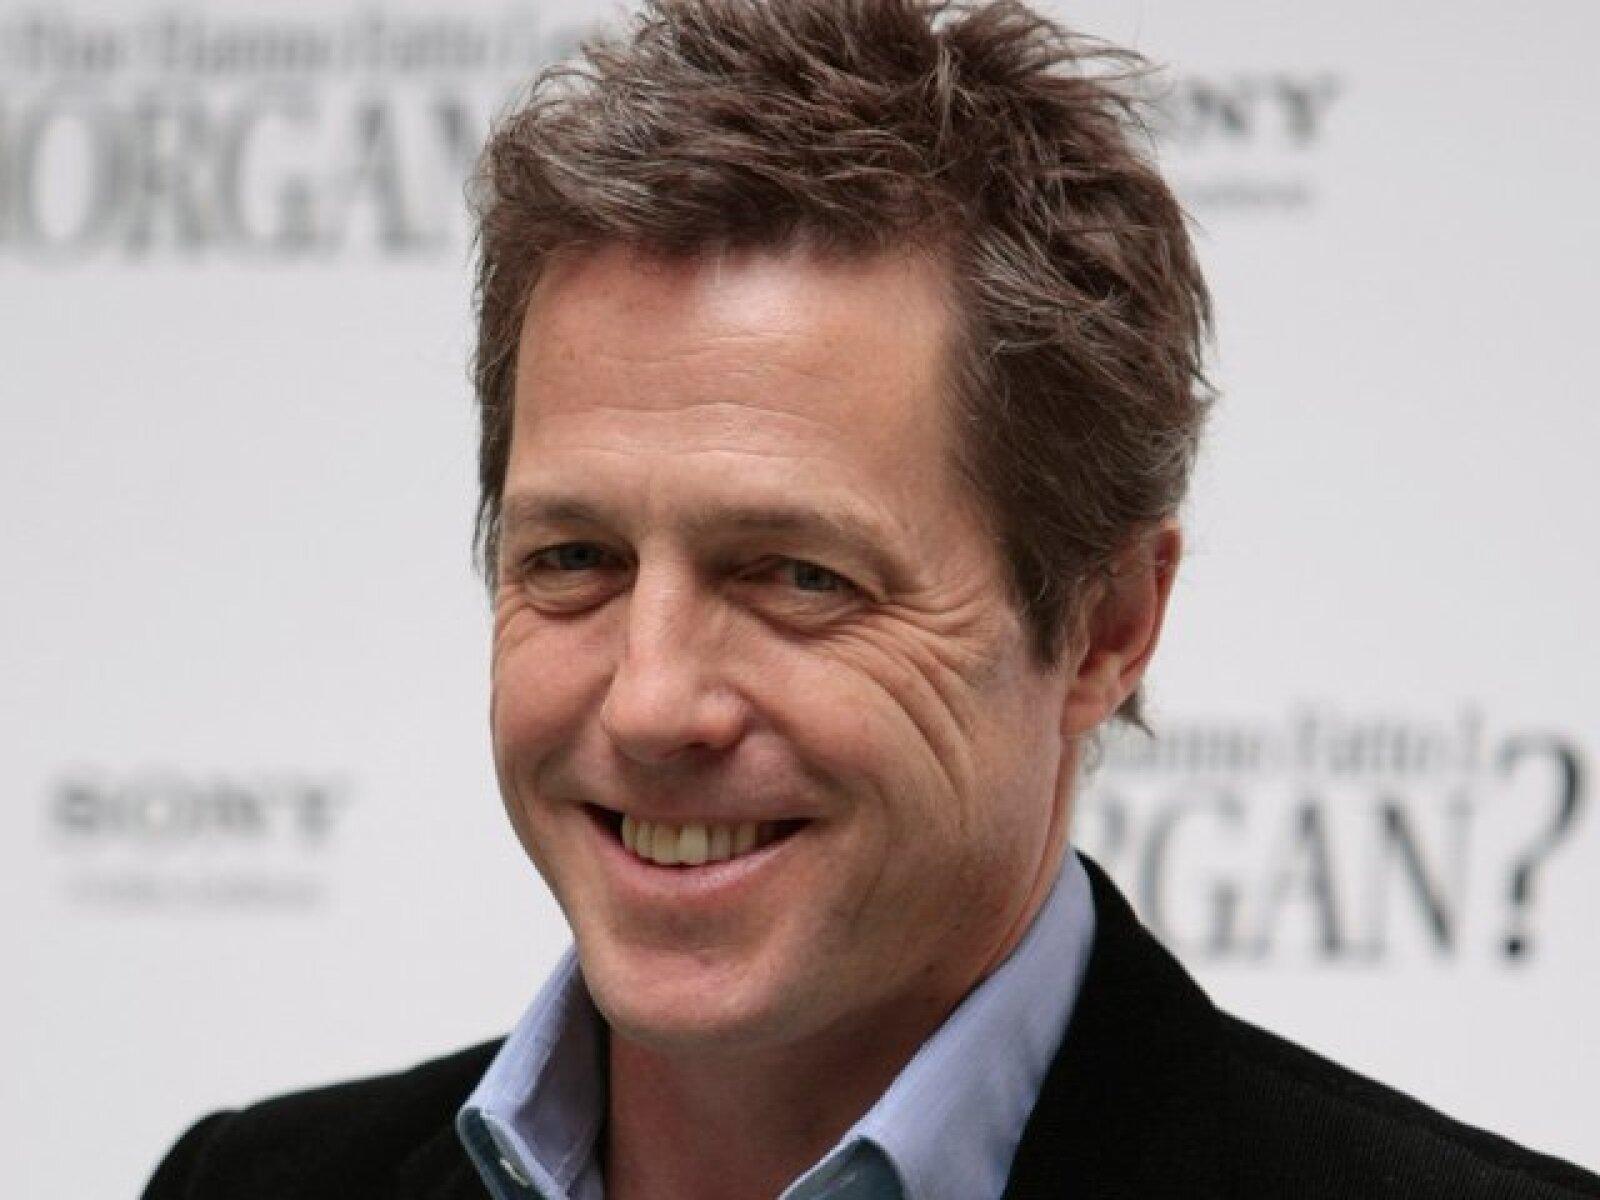 Hugh Grant. El actor británico estudió Literatura Inglesa y se graduó con honores de segundo grado de Oxford.